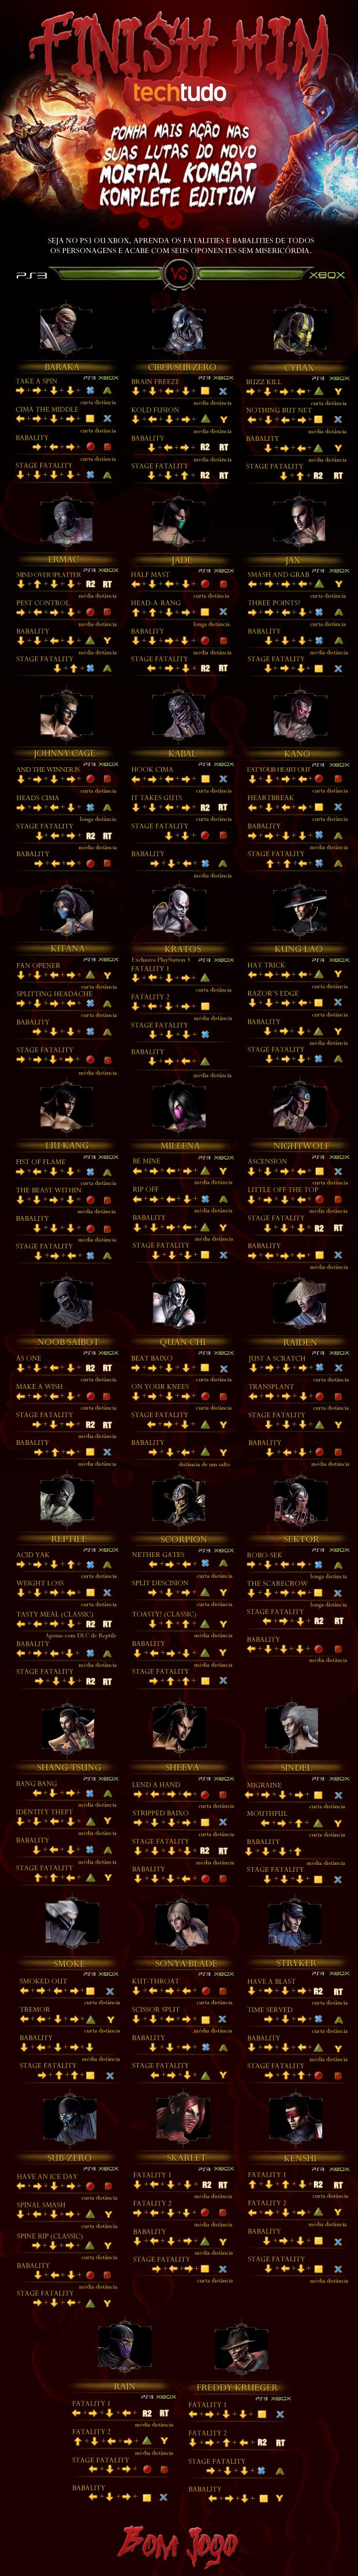 Lista de fatalities em Mortal Kombat (Foto: TechTudo)